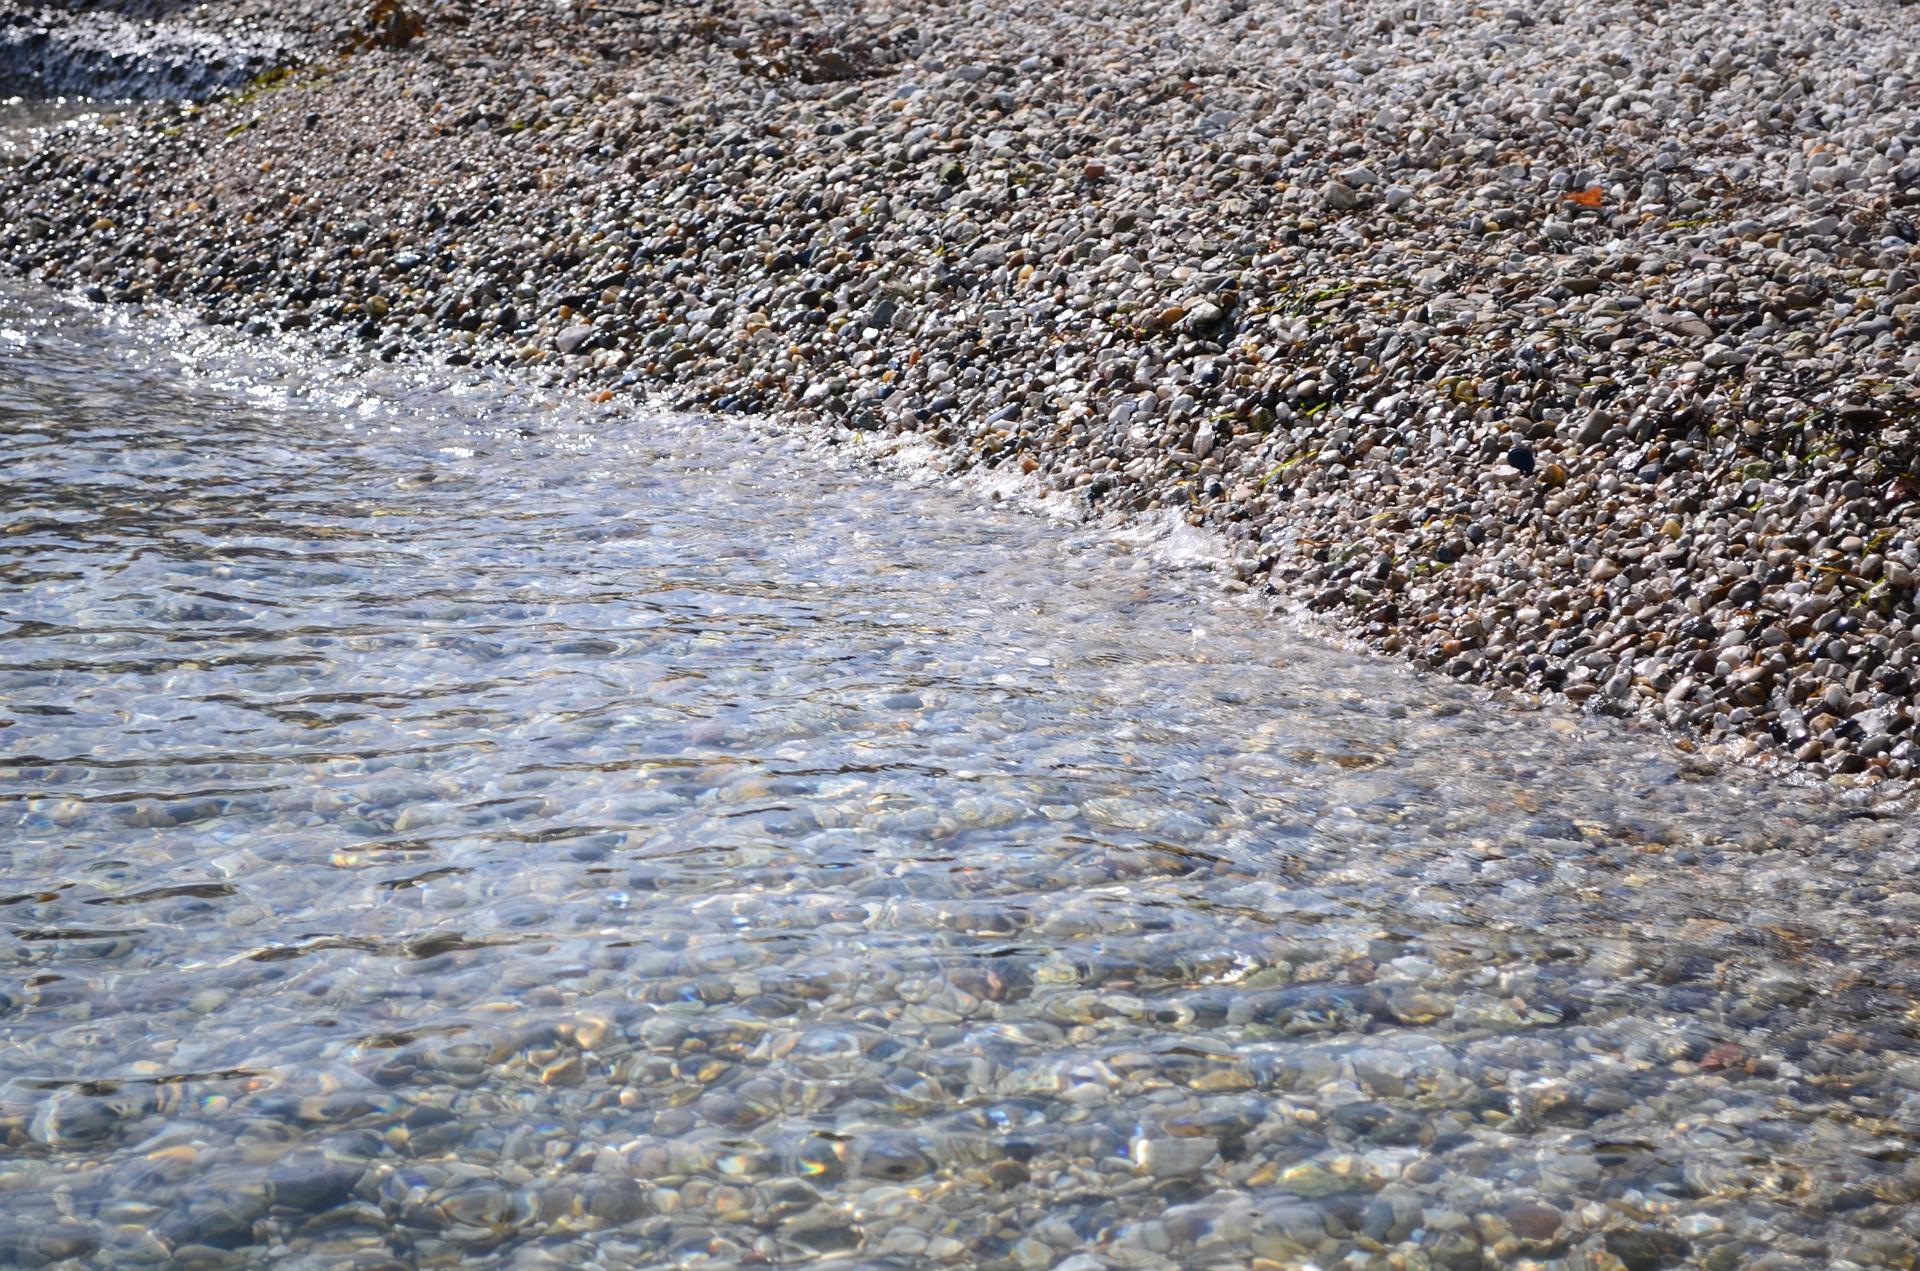 Pedrinhas e água transparente, o espírito da coisa